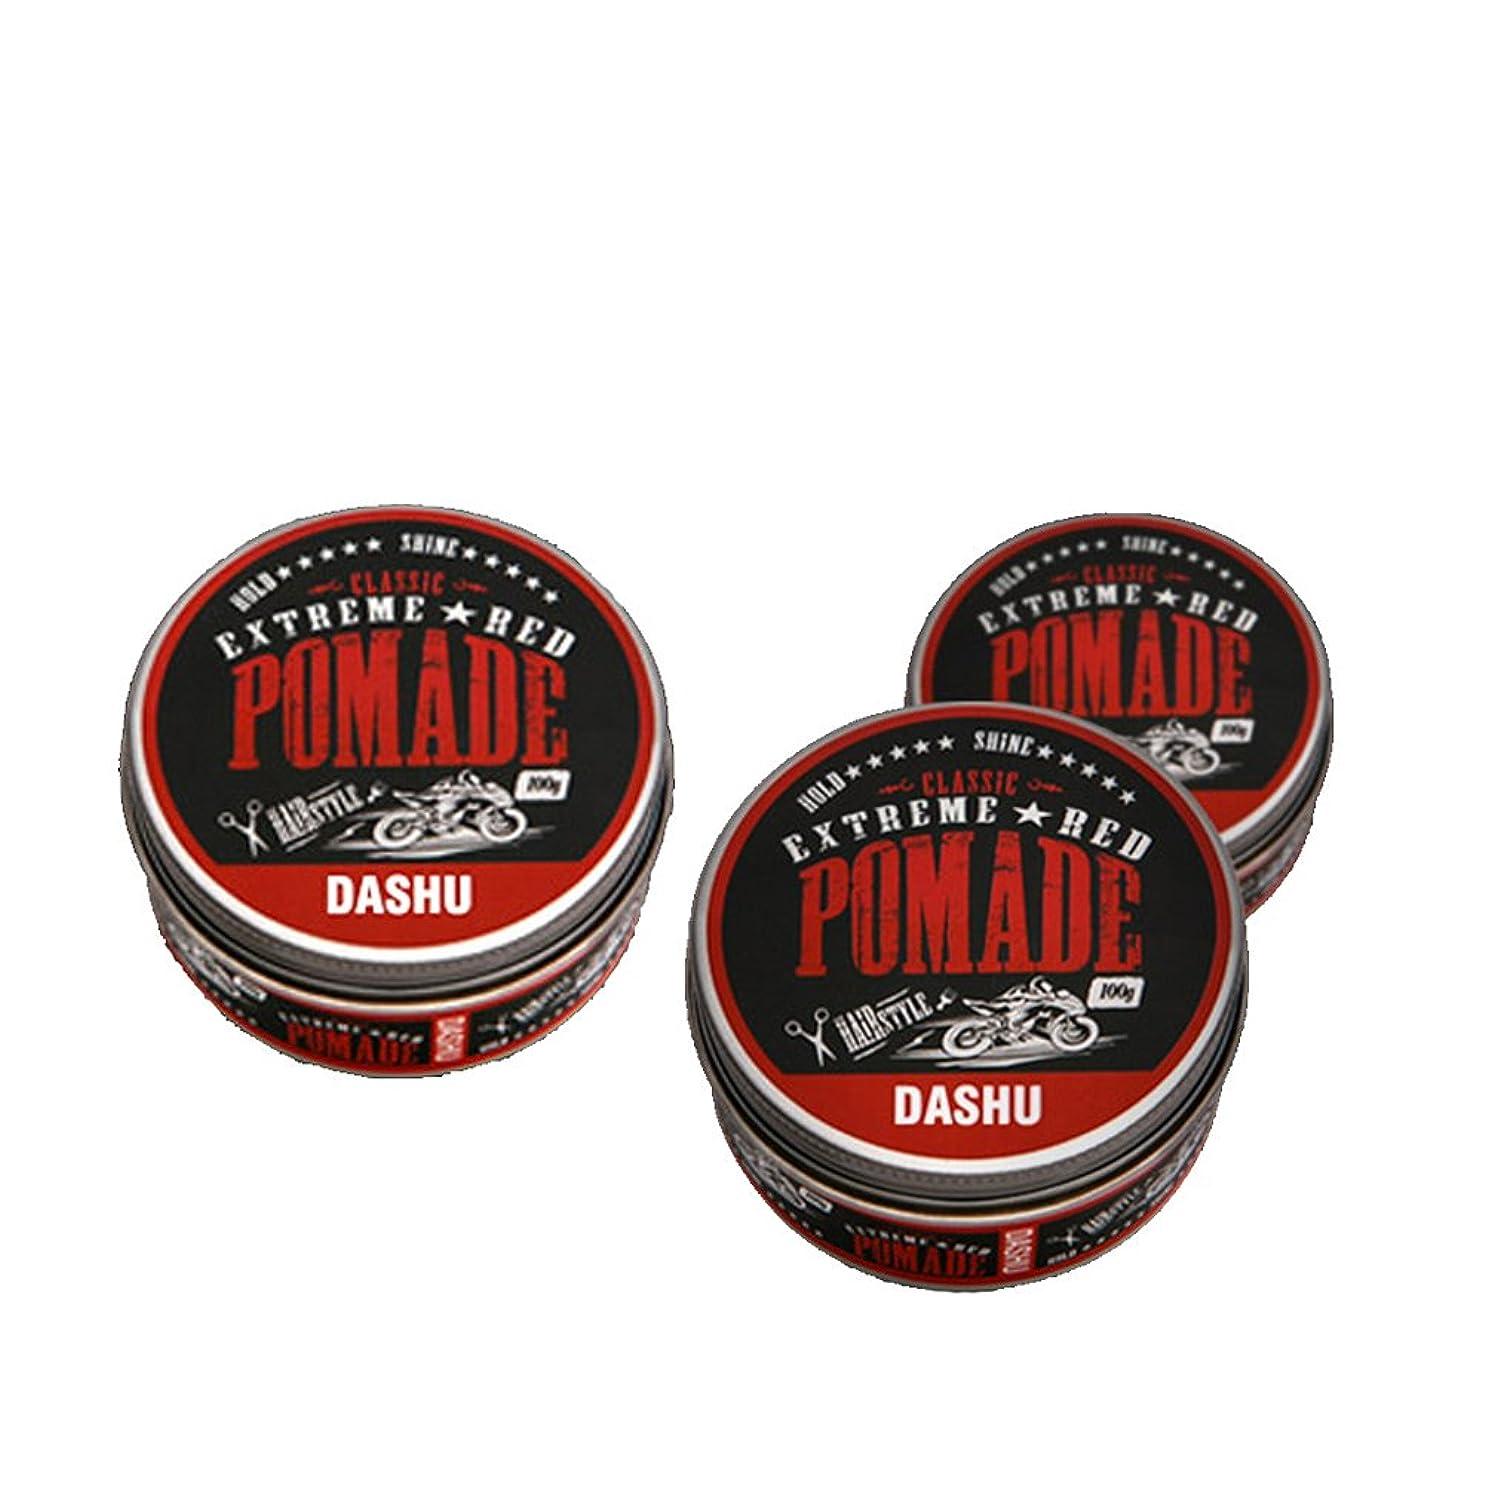 探偵頭蓋骨ホイッスル(3個セット) x [DASHU] ダシュ クラシックエクストリームレッドポマード Classic Extreme Red Pomade Hair Wax 100ml / 韓国製 . 韓国直送品